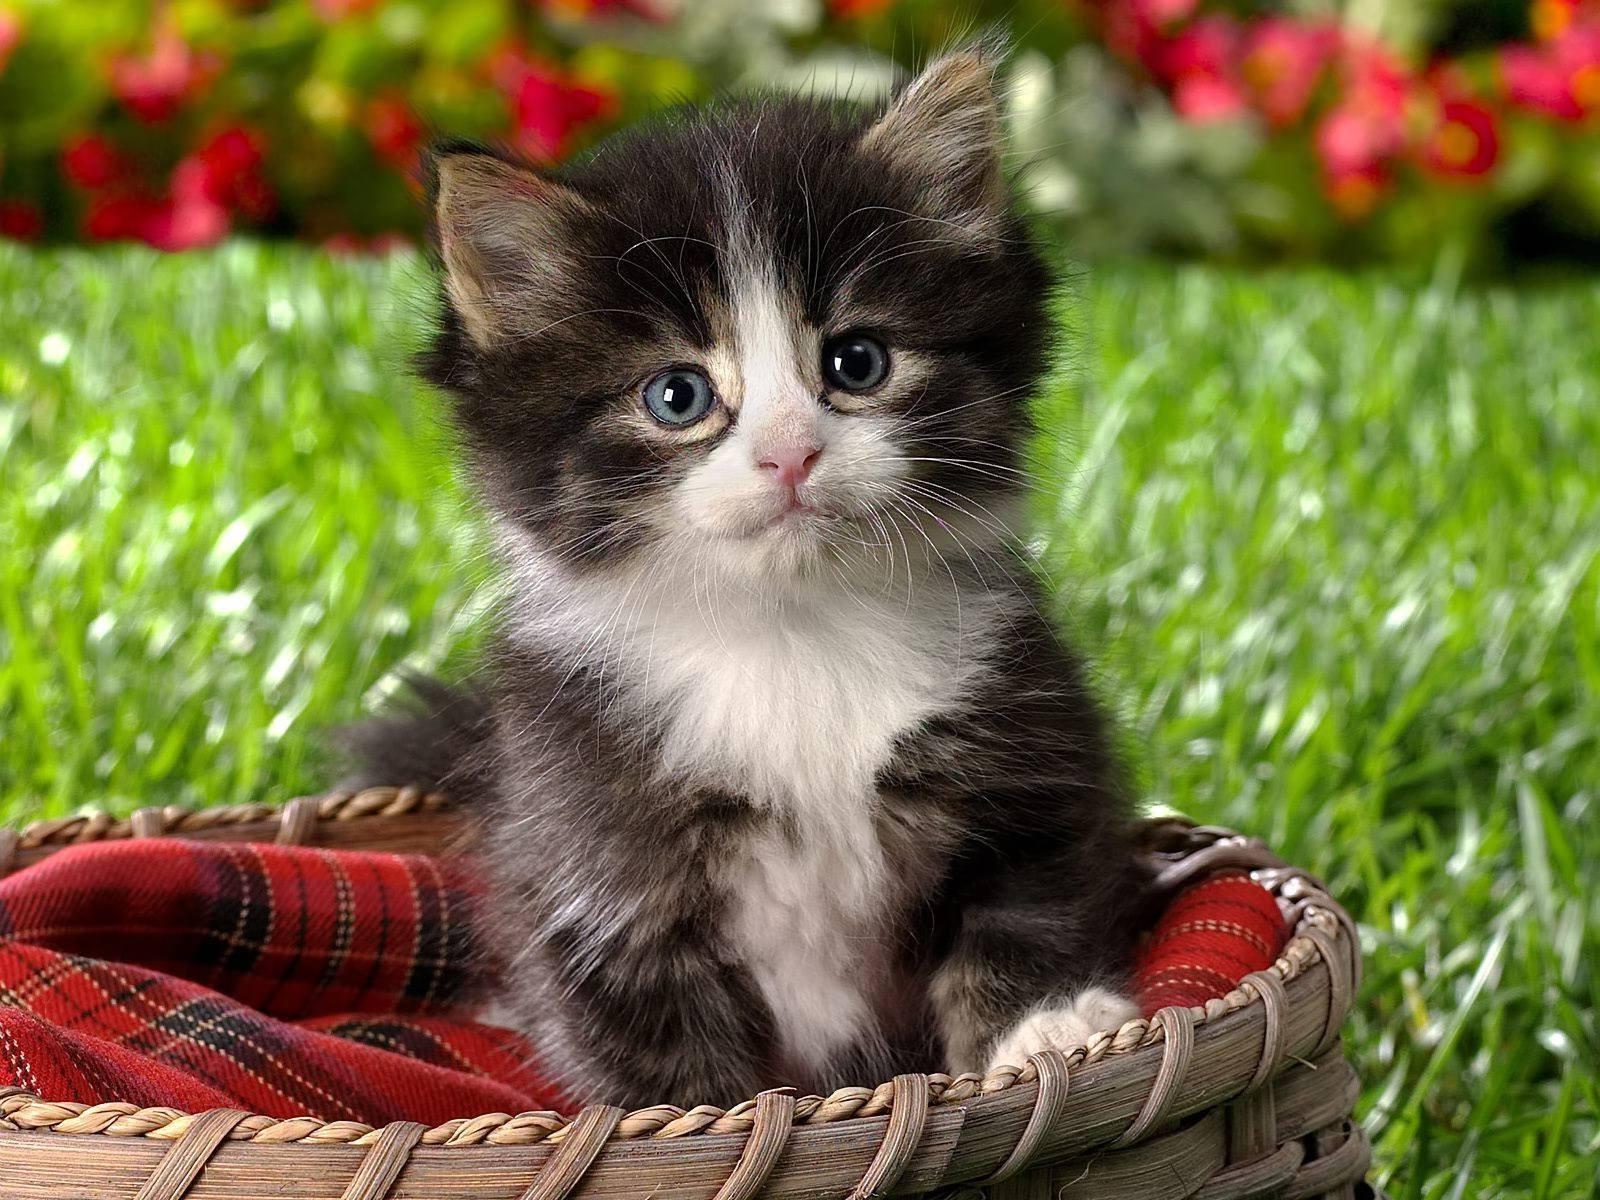 Смотреть красивые картинки котиков